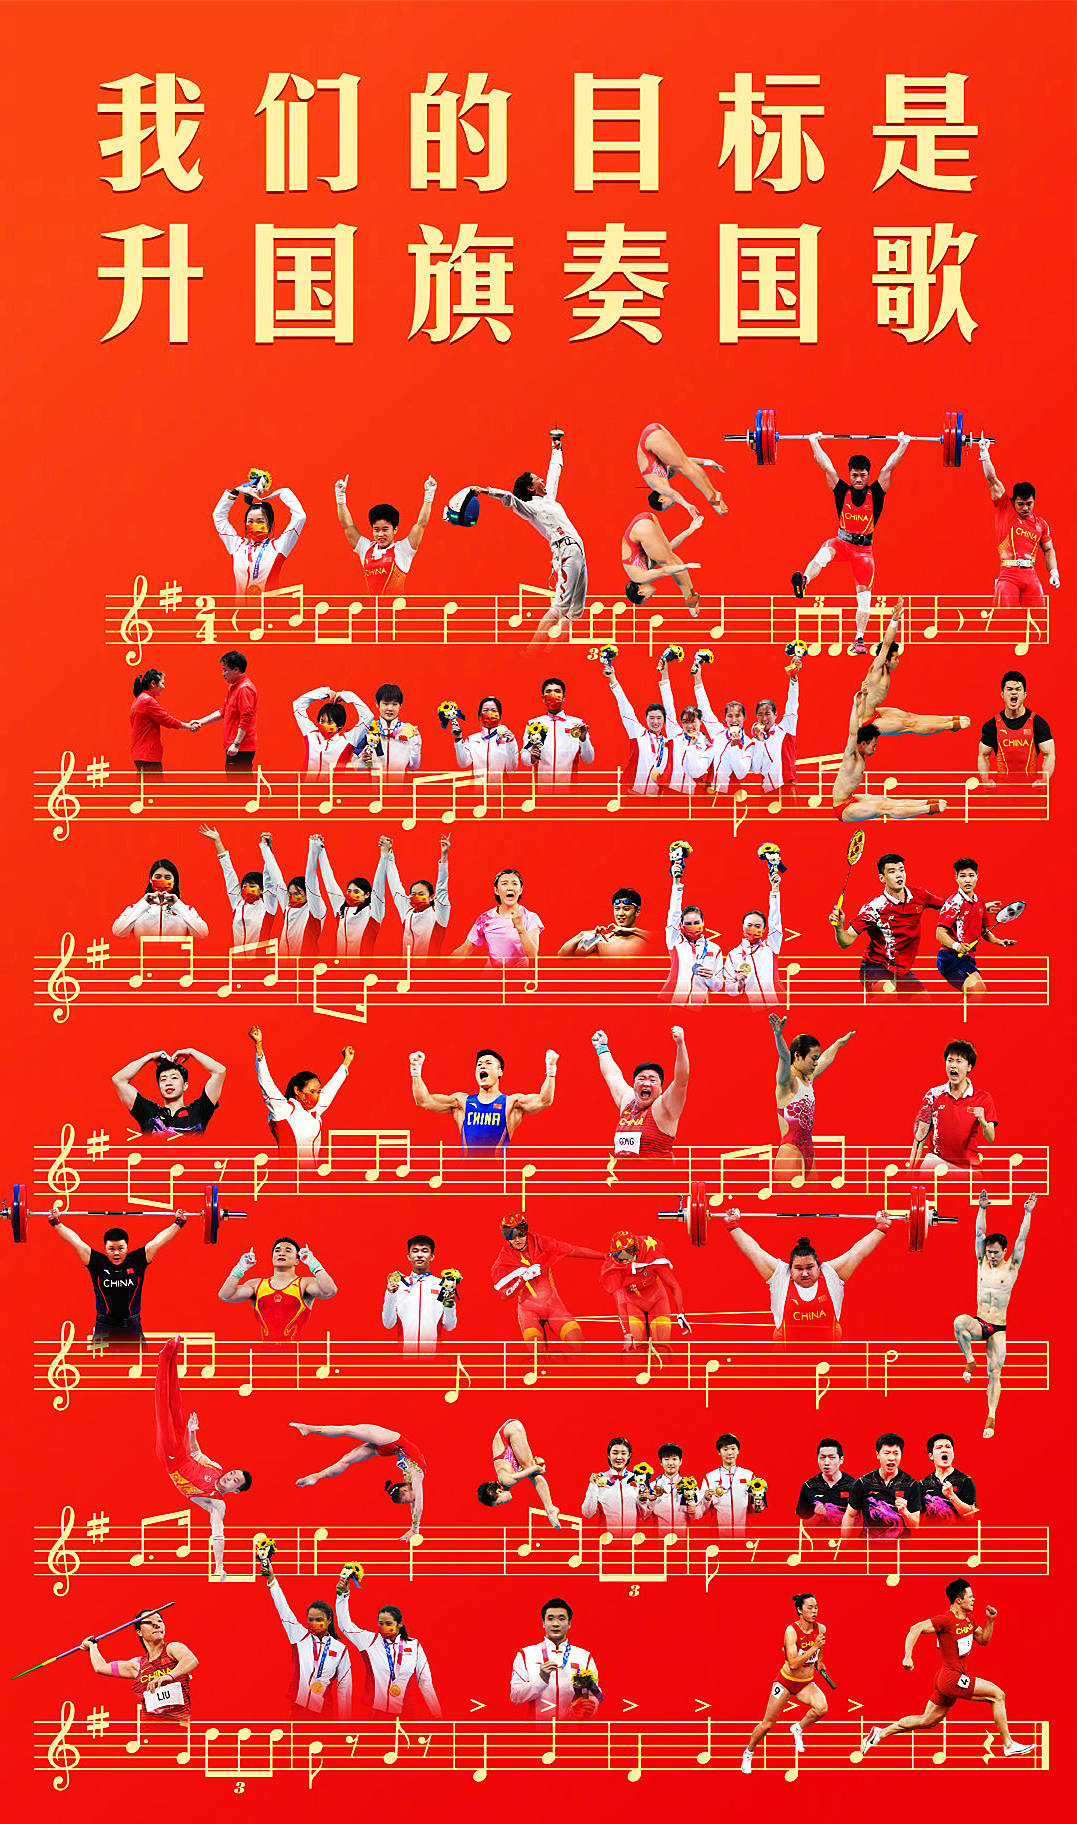 东京奥运会让我们难忘的 不仅仅是38块金牌 还有中国队的拼搏精神_捕鱼电玩城官网